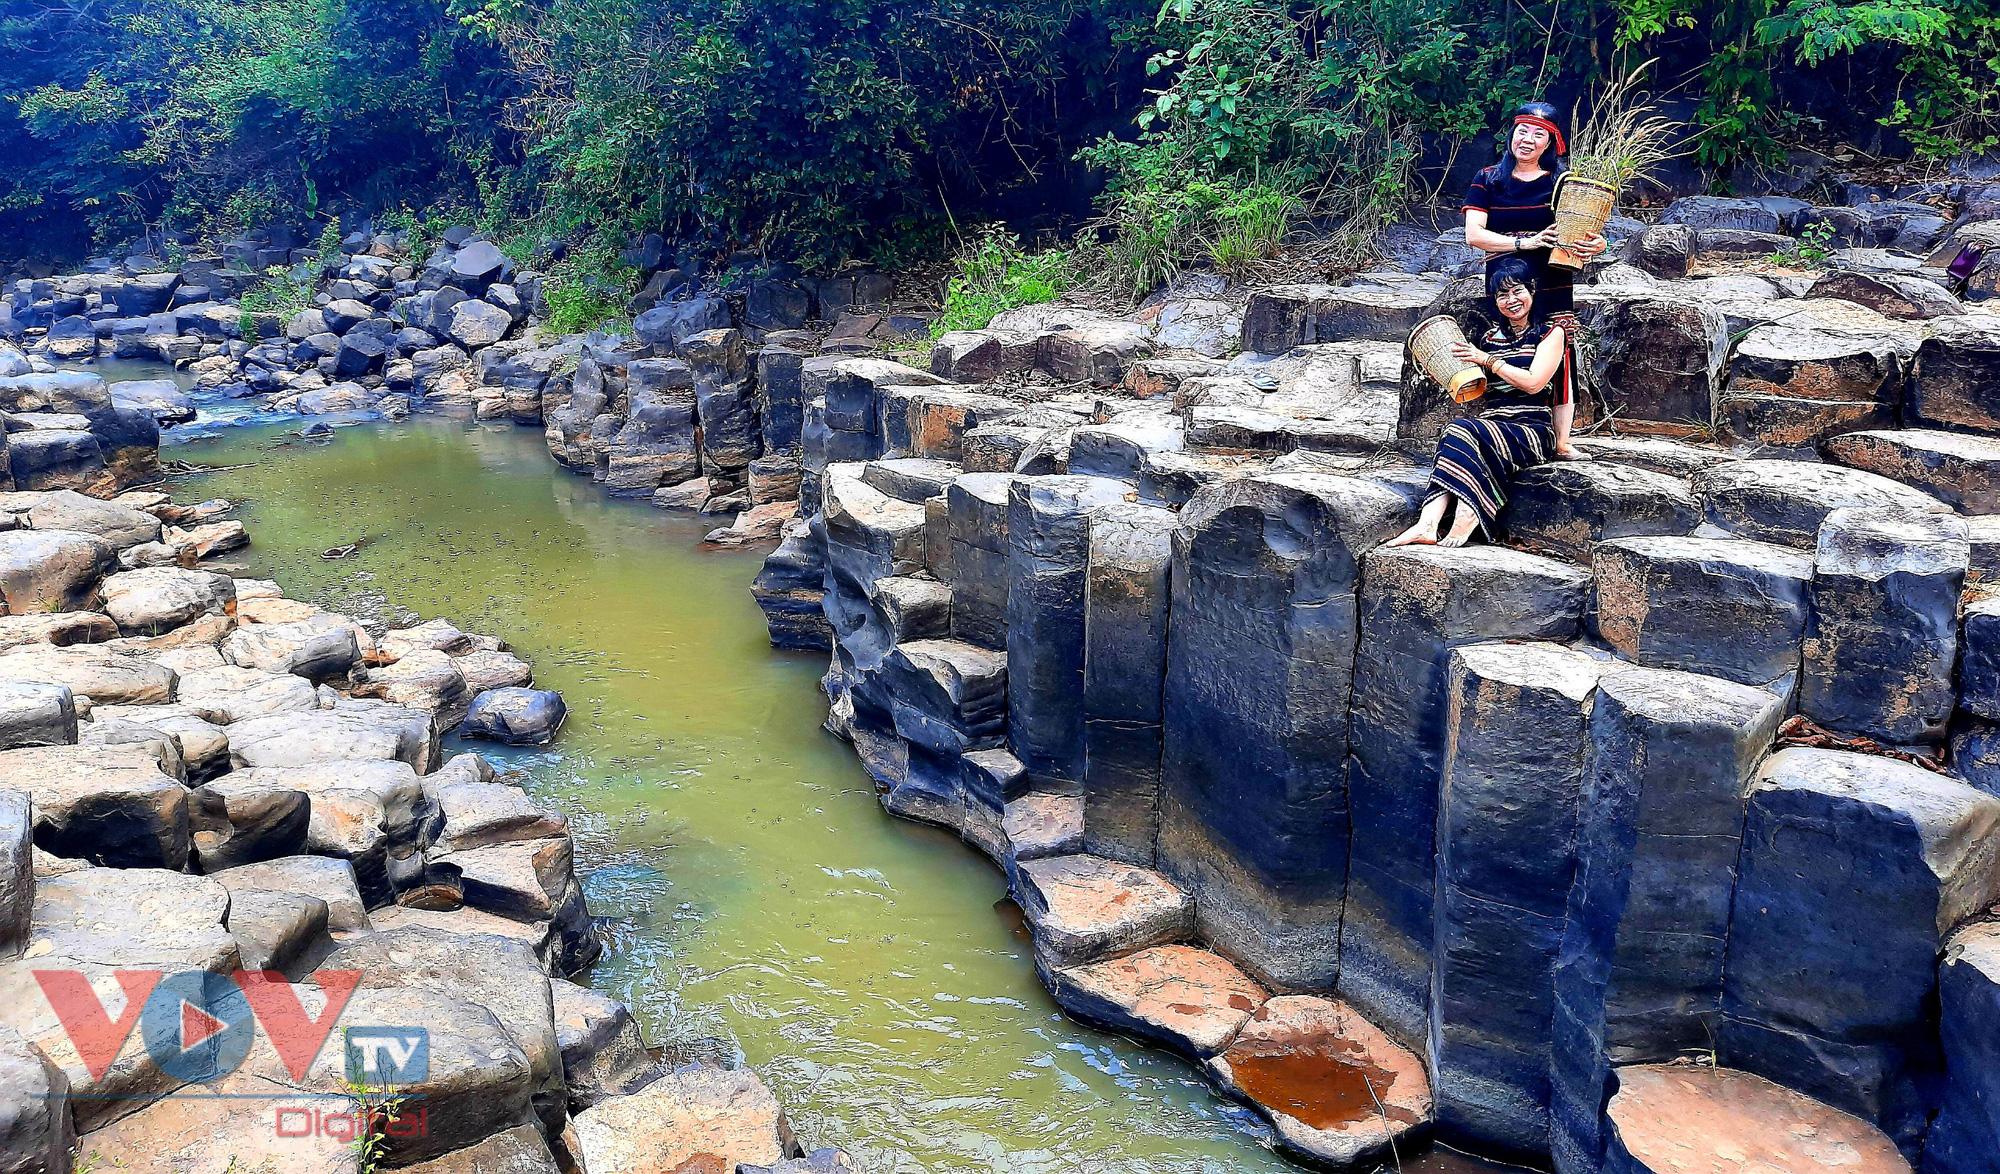 Gia Lai: Mê đắm vẻ đẹp hoang sơ của suối đá núi lửa Ia Ruai - Ảnh 2.